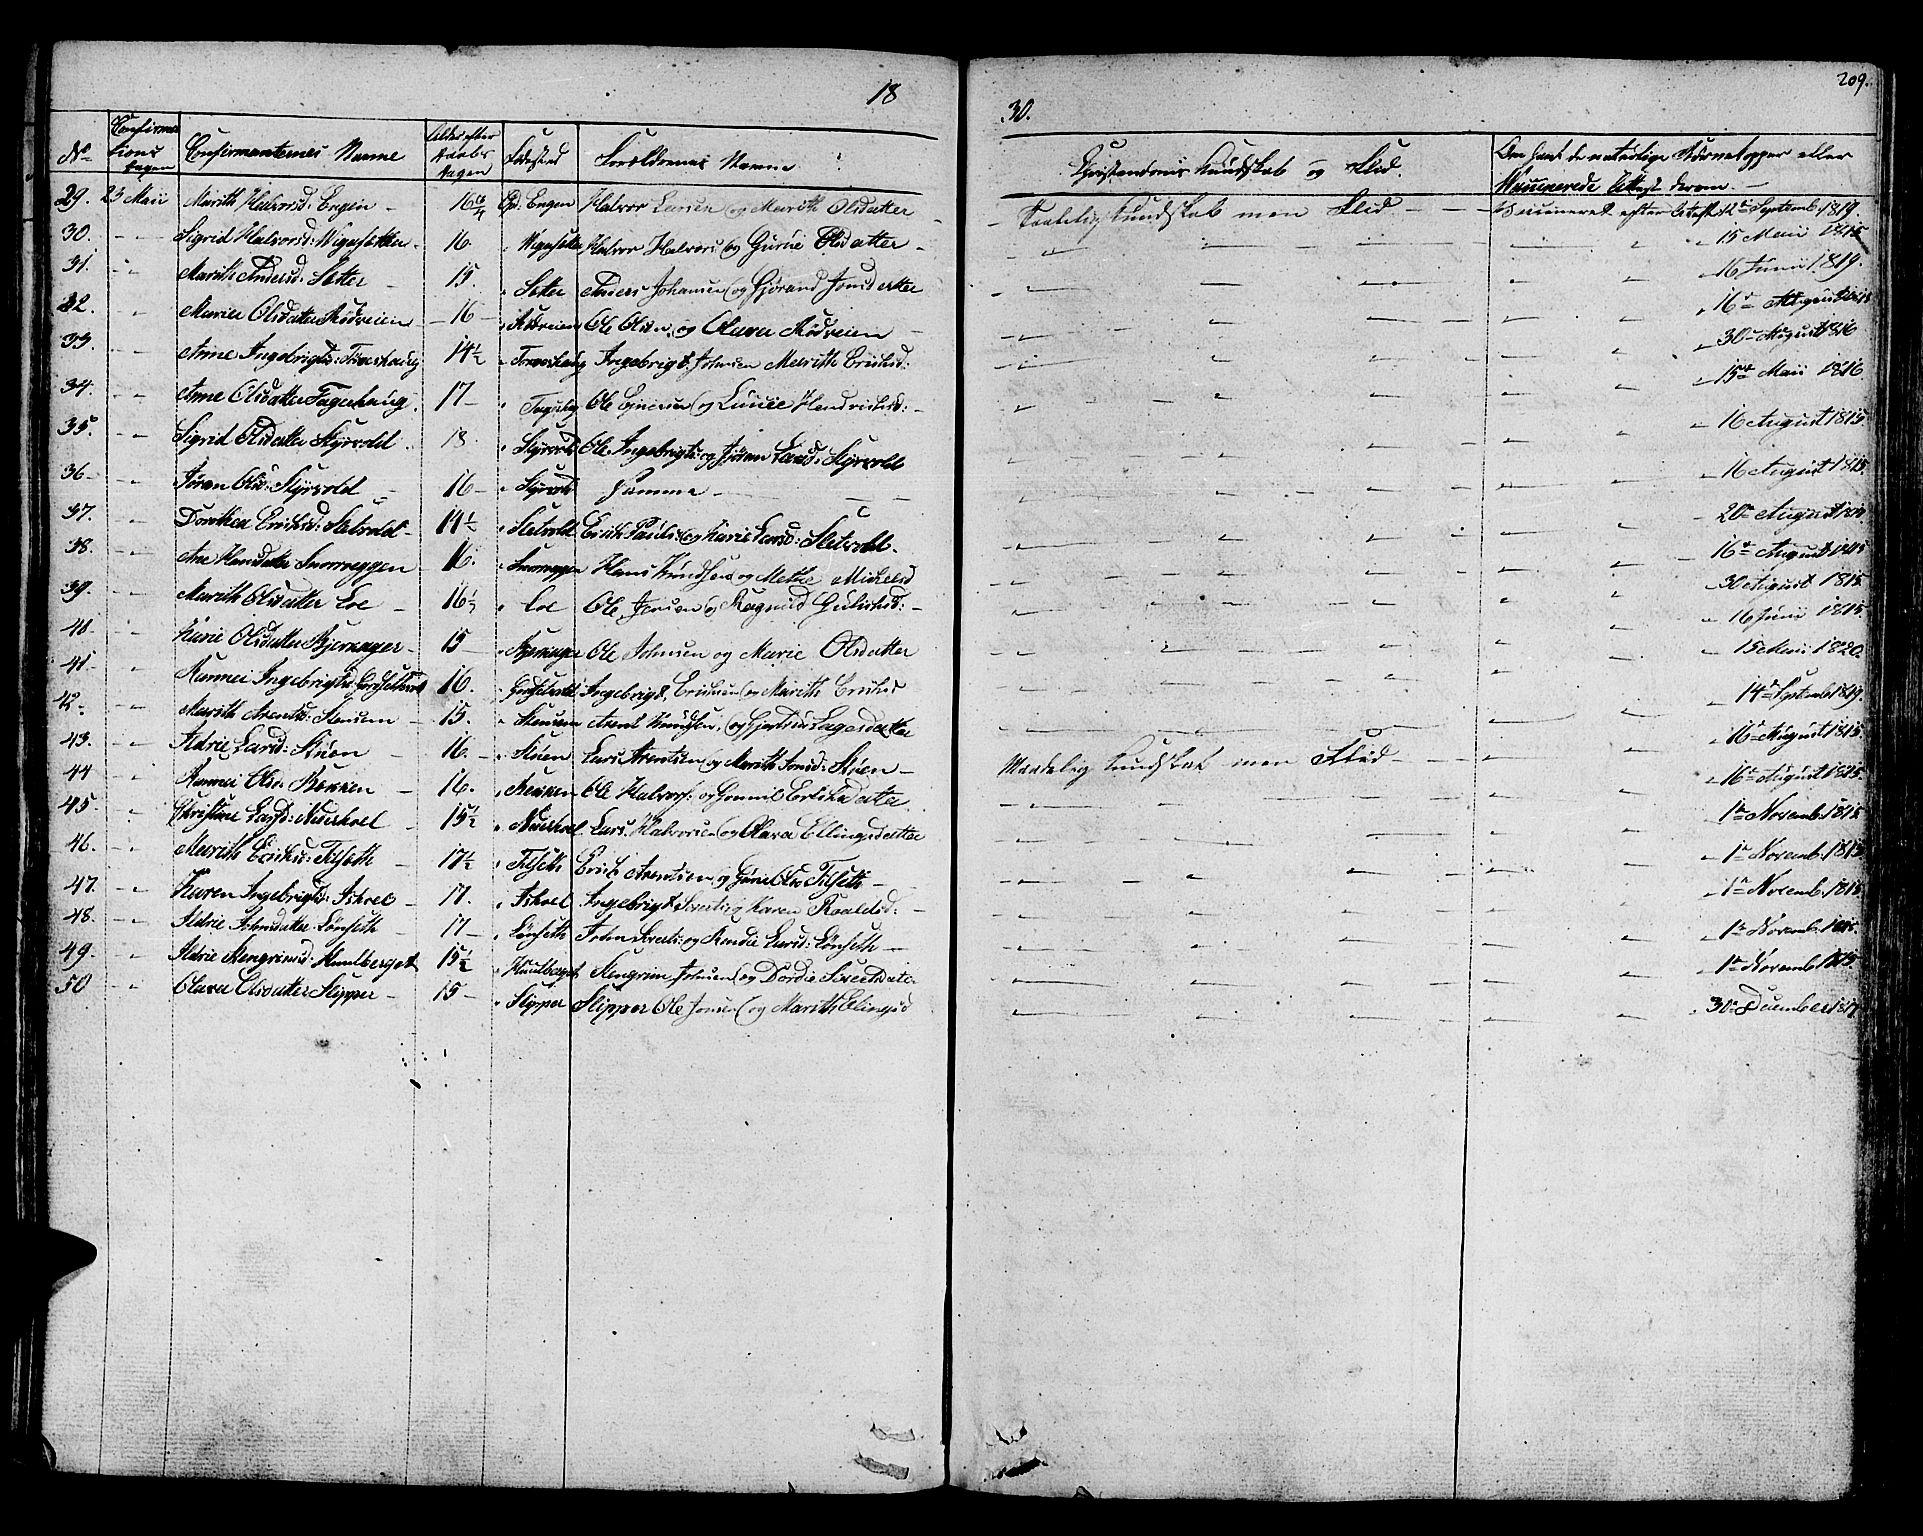 SAT, Ministerialprotokoller, klokkerbøker og fødselsregistre - Sør-Trøndelag, 678/L0897: Ministerialbok nr. 678A06-07, 1821-1847, s. 209